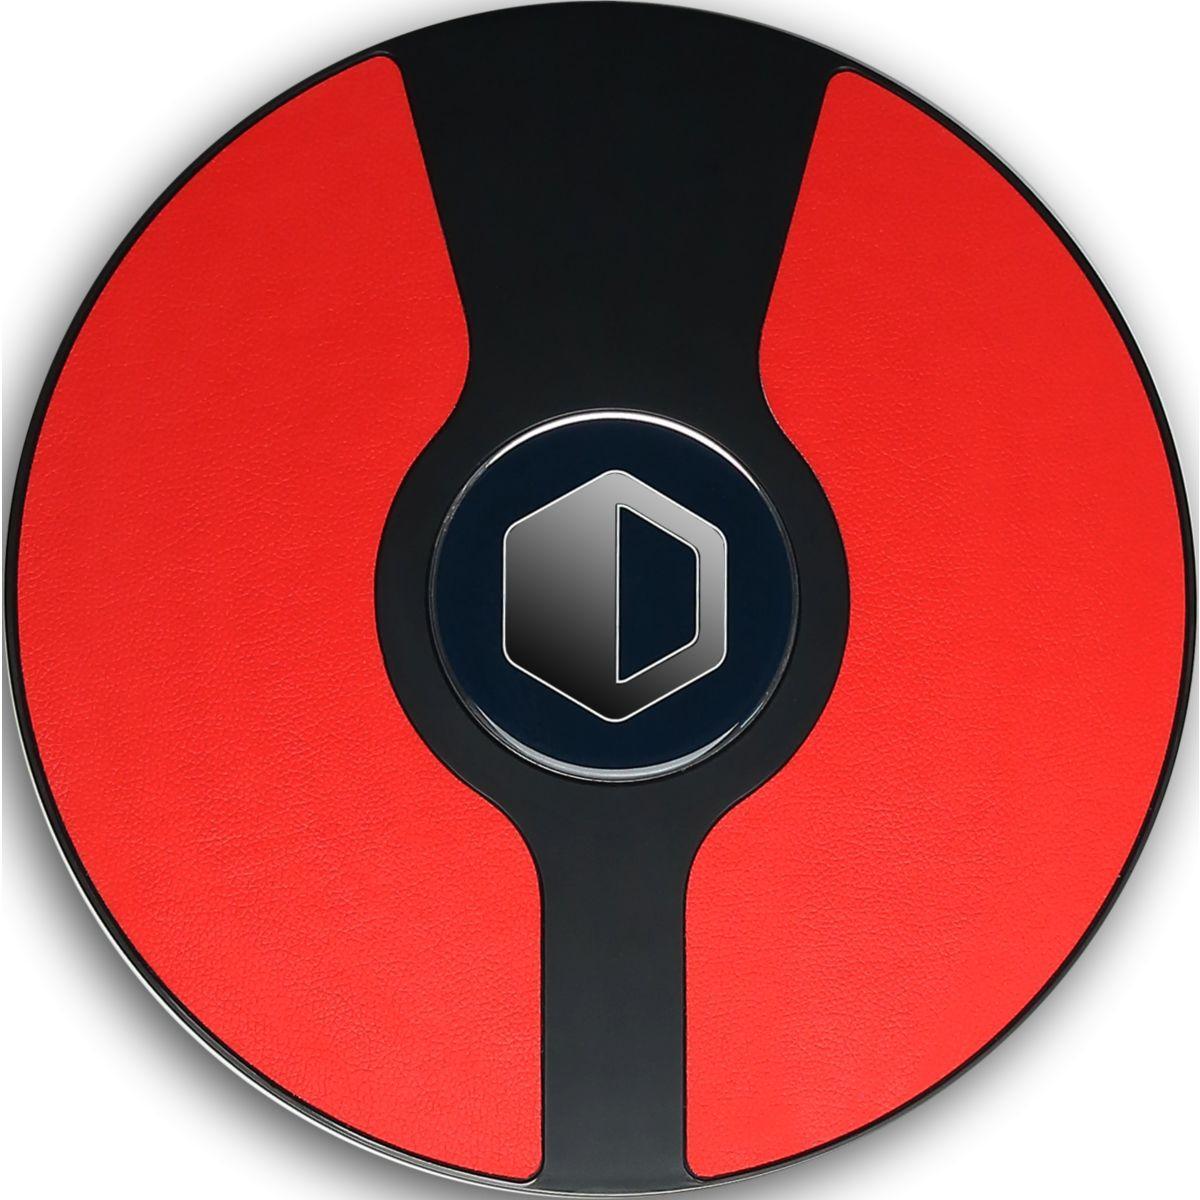 Accessoire 3drudder contrôleur pour jeux - 10% de remise immédiate avec le code : fete10 (photo)